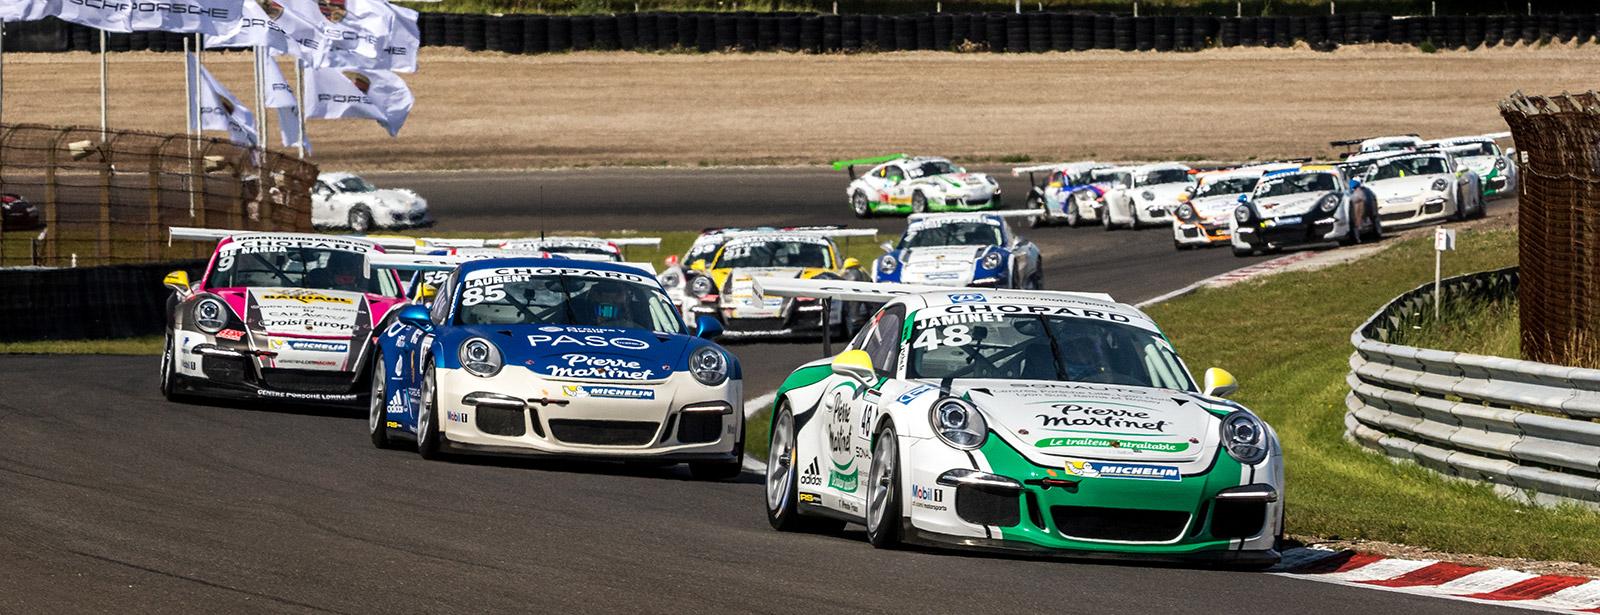 Week-end pour la finale au Paul Ricard de la Cup Porsche France – 28, 29 et 30 Octobre 2016